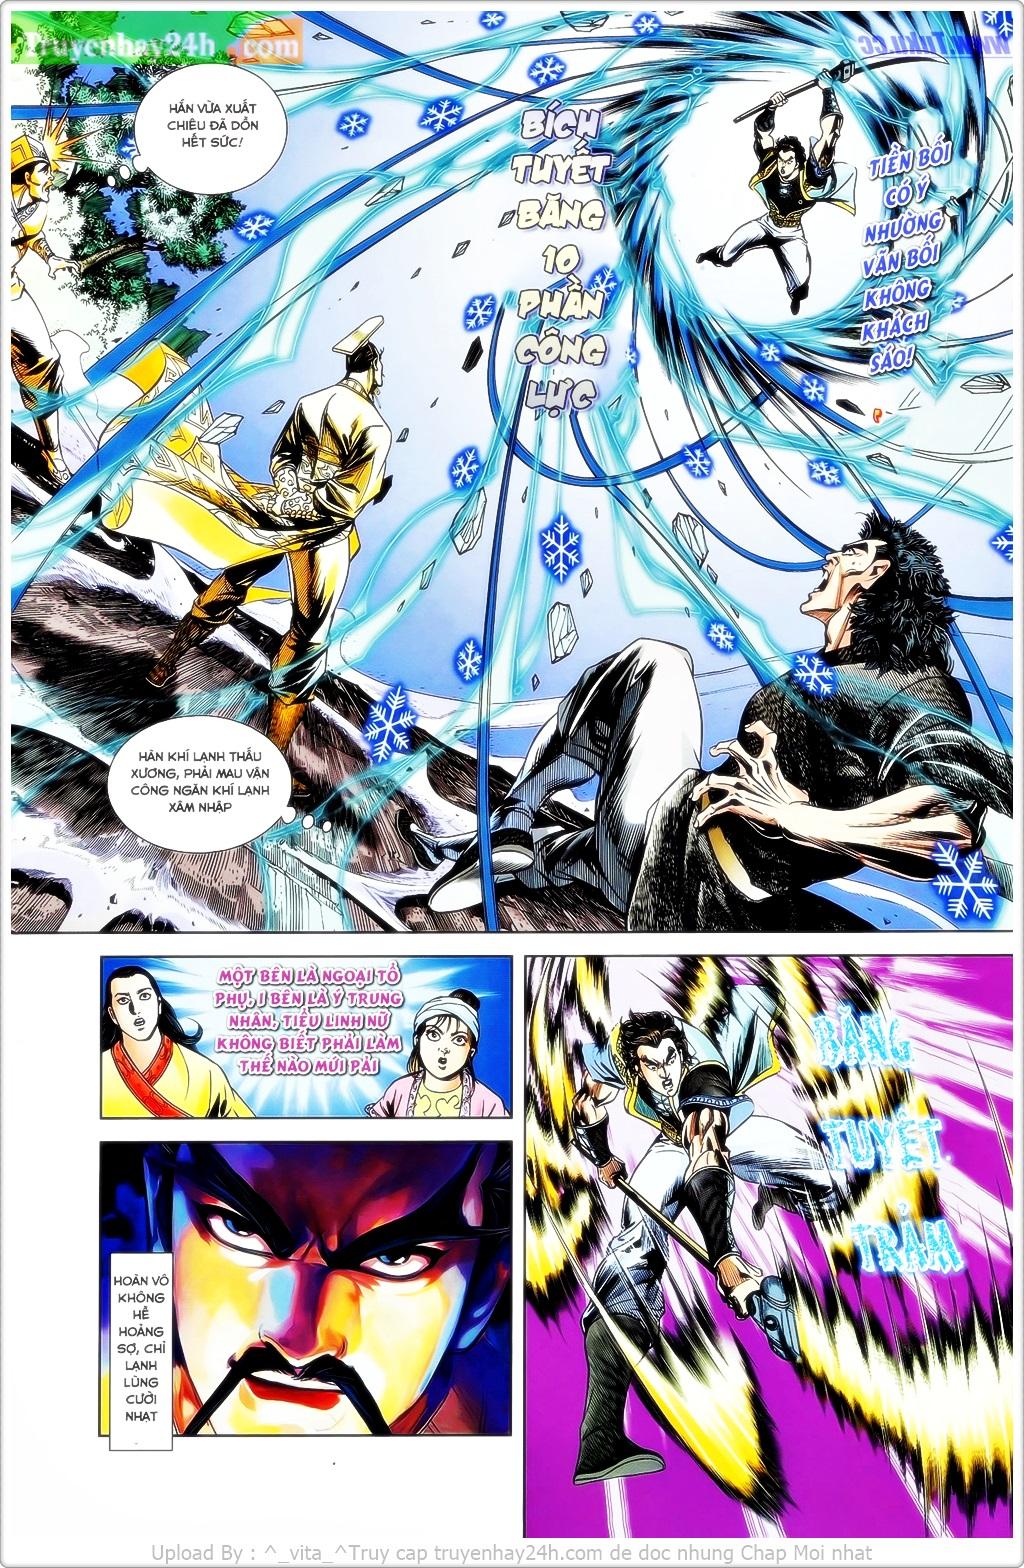 Tần Vương Doanh Chính chapter 23 trang 17